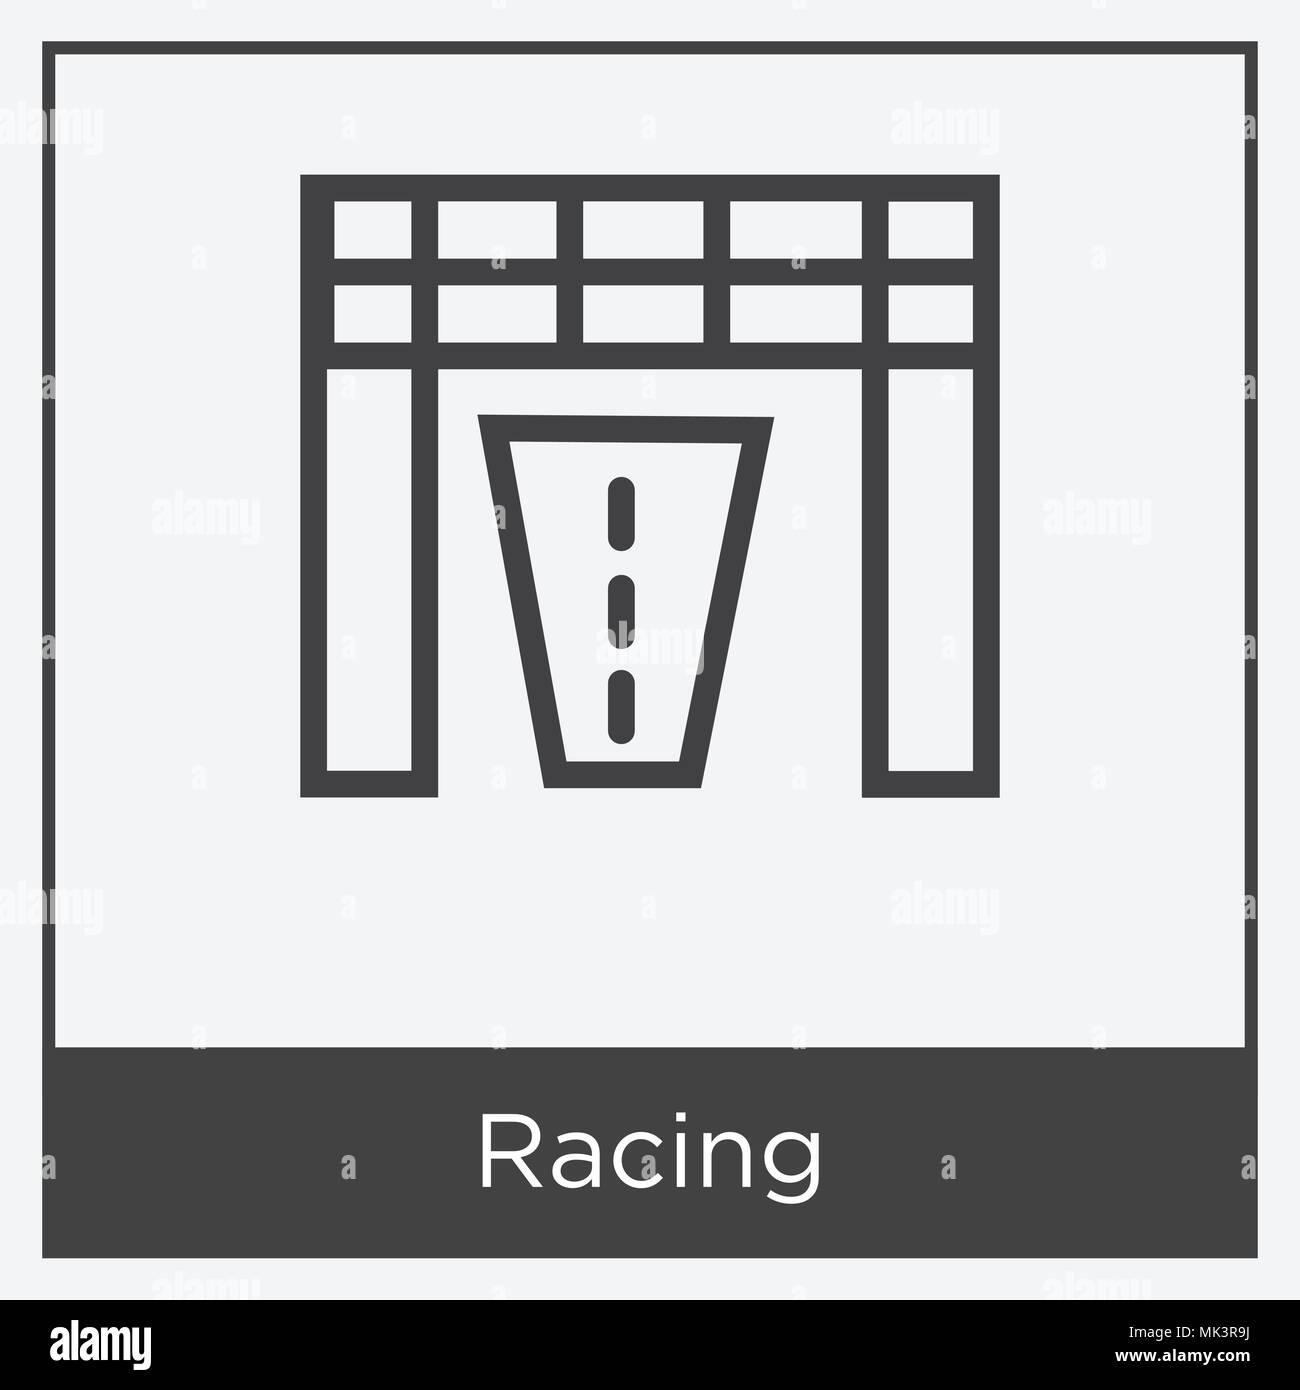 Racing - Symbol auf weißem Hintergrund mit grauen Rahmen, Zeichen ...